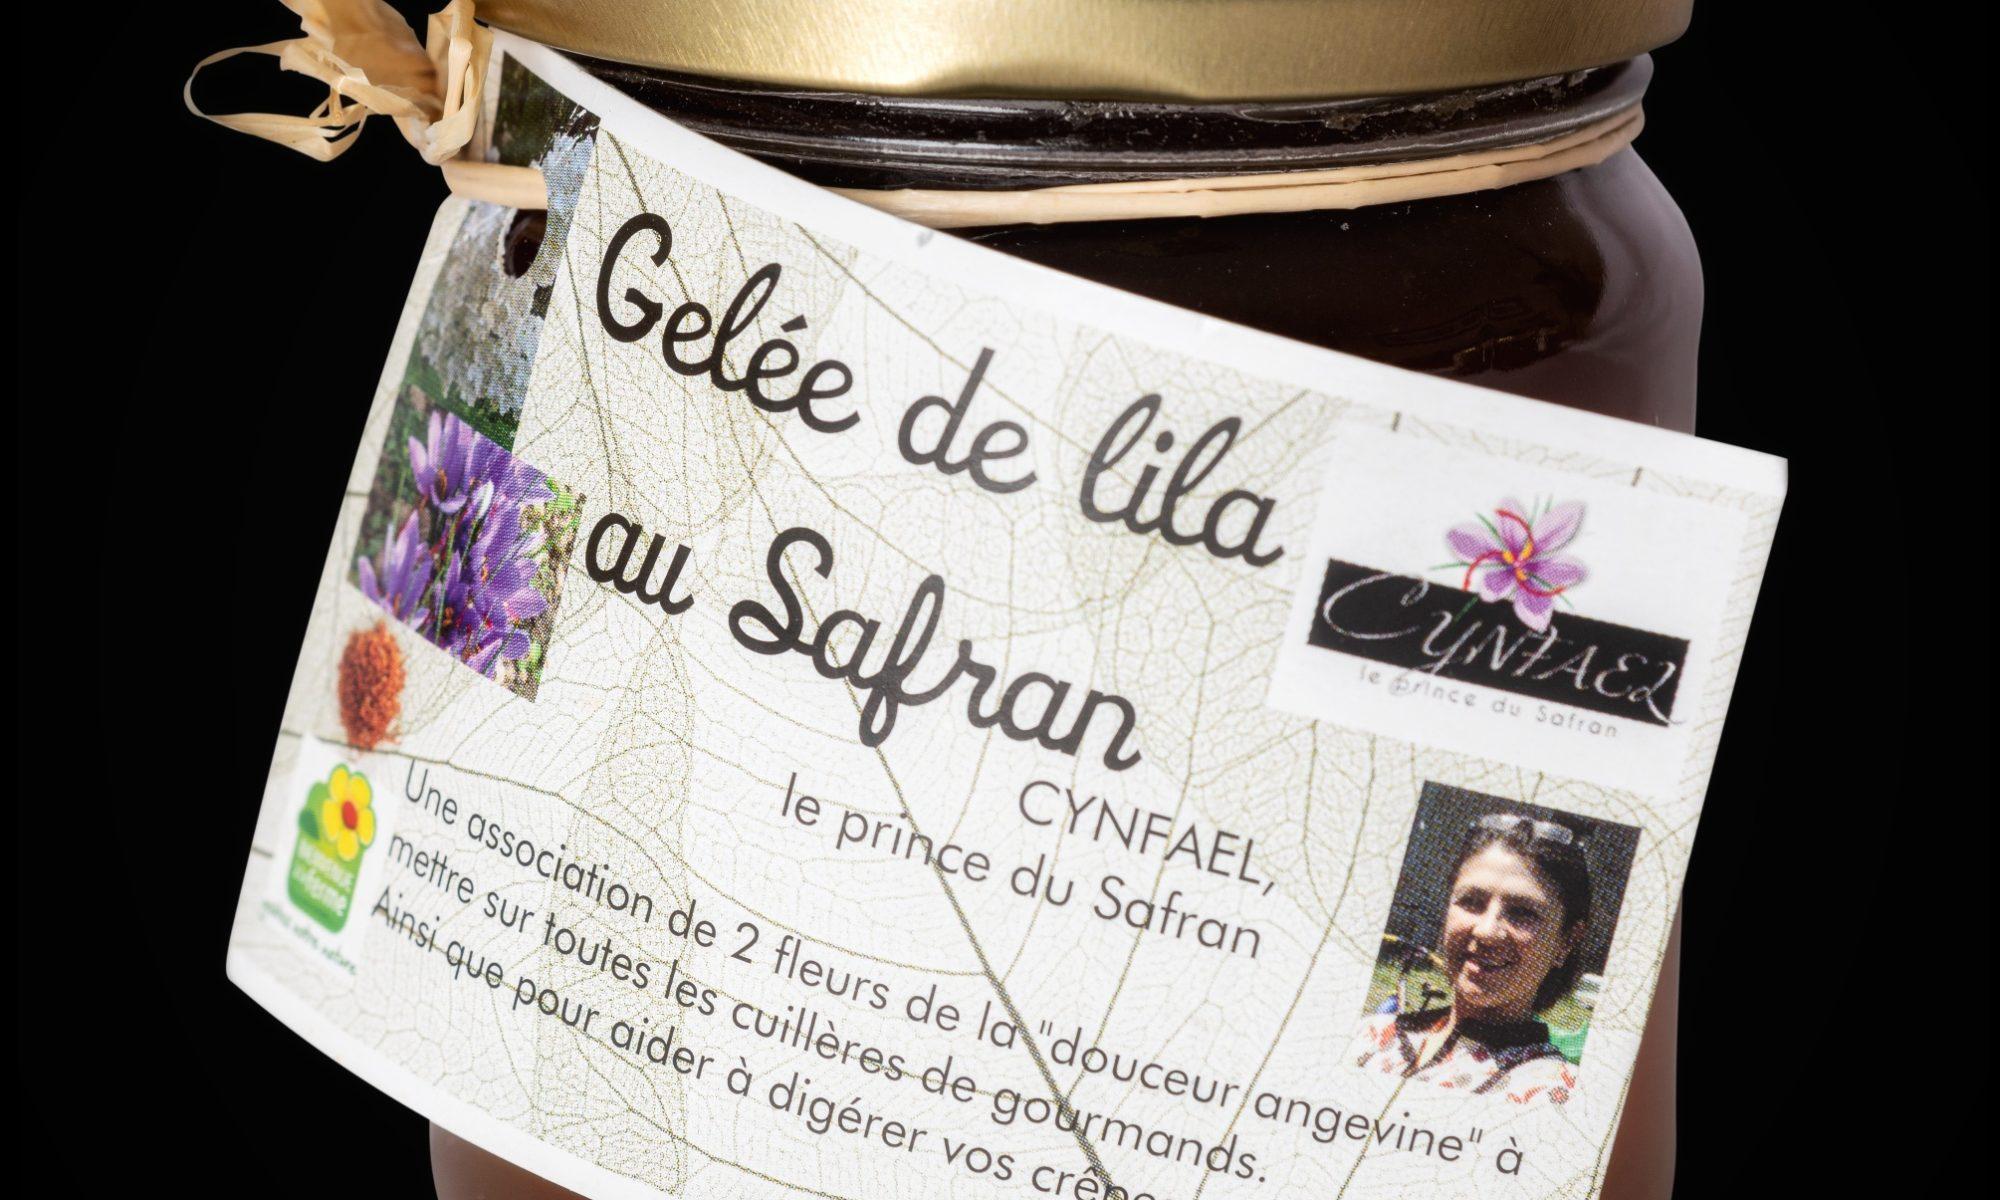 Gelée de lila au safran